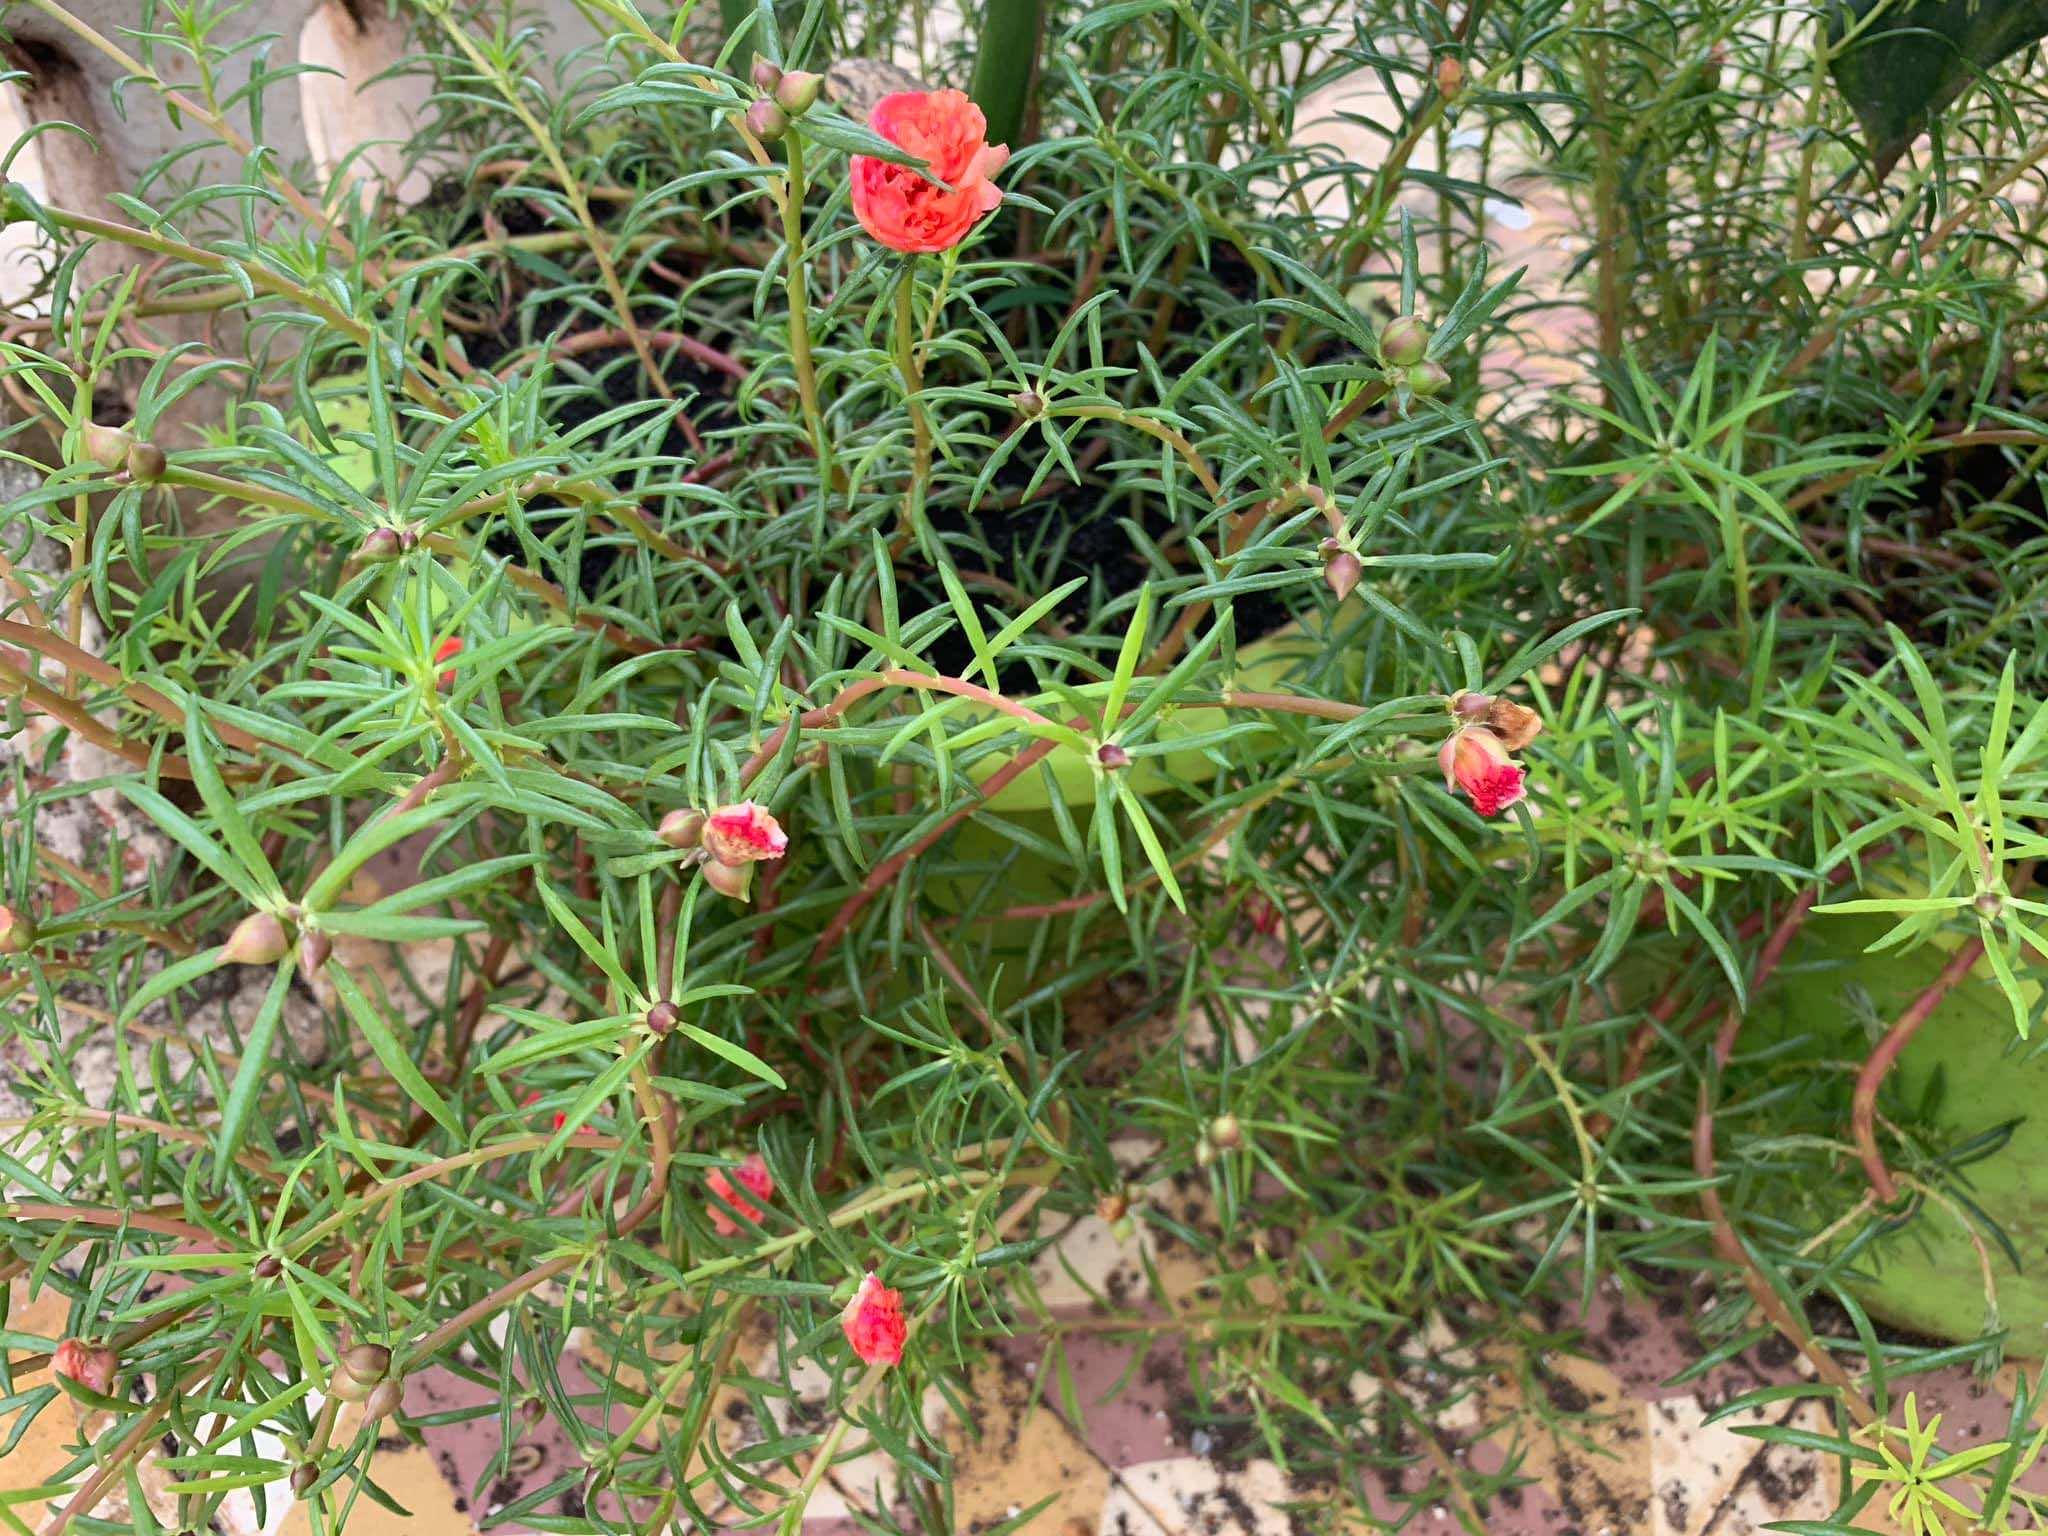 Hoa mười giờ là loài cây ưa nắng